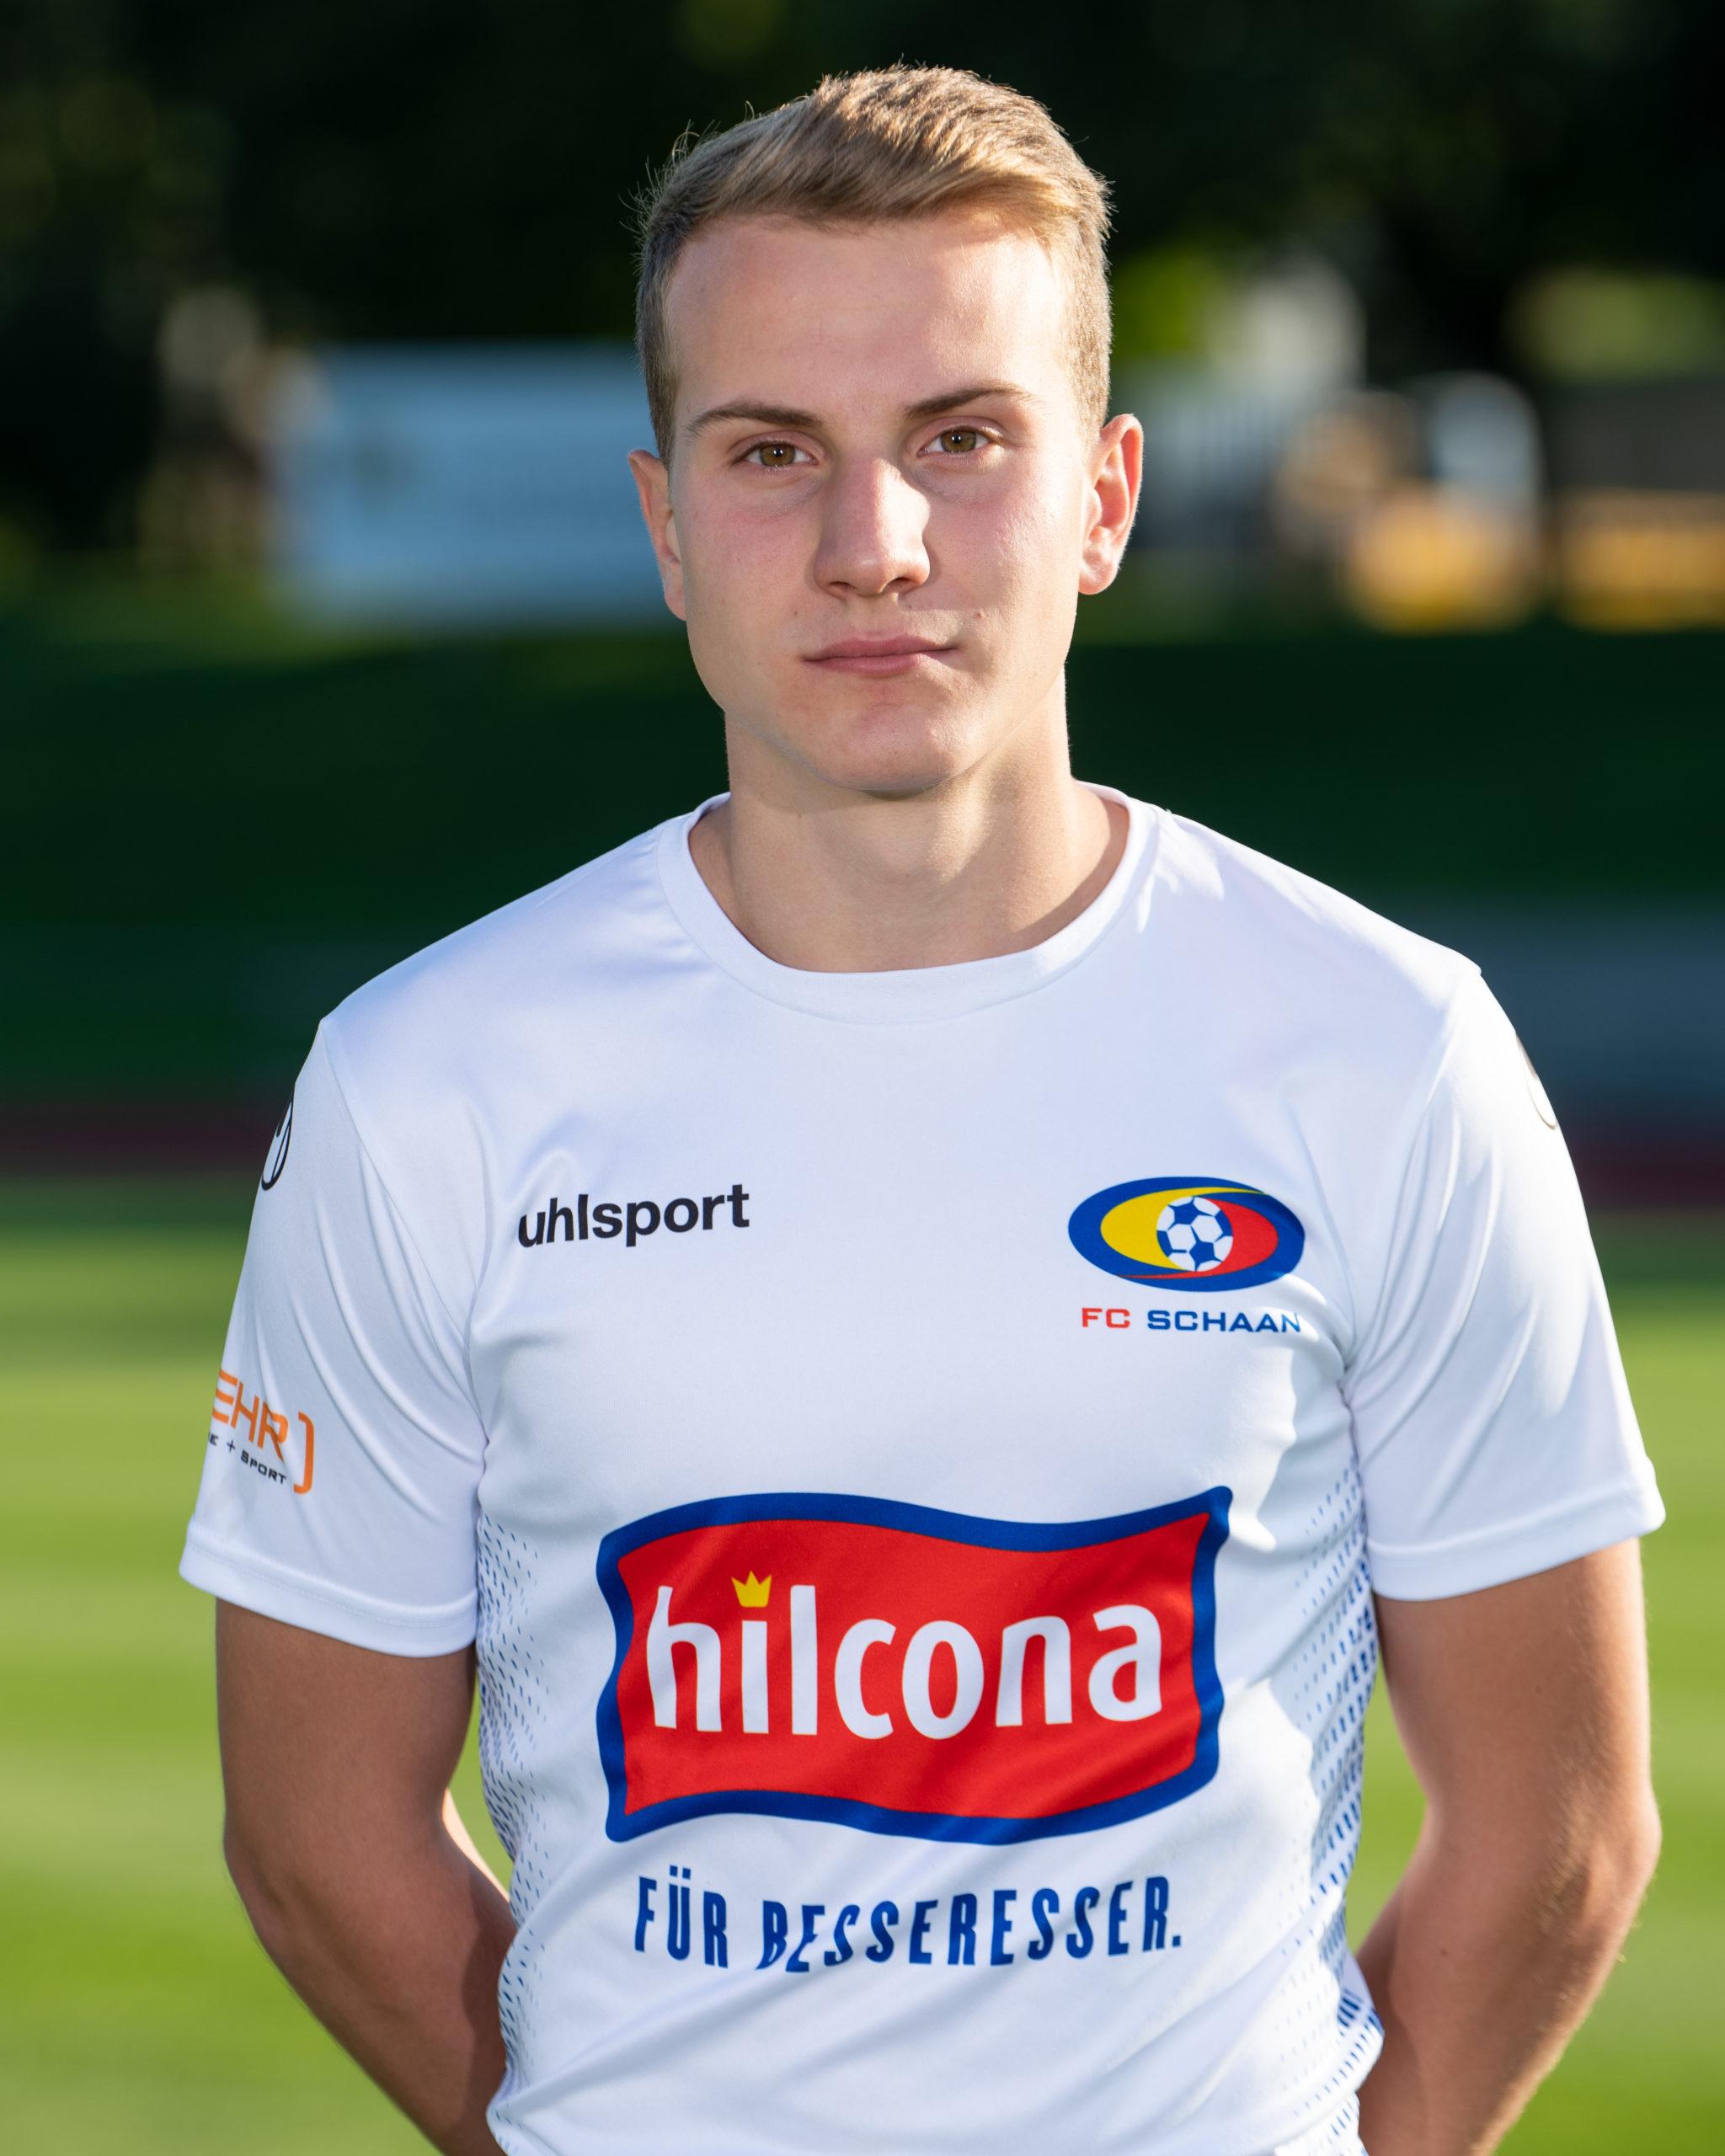 Kilian Büchel